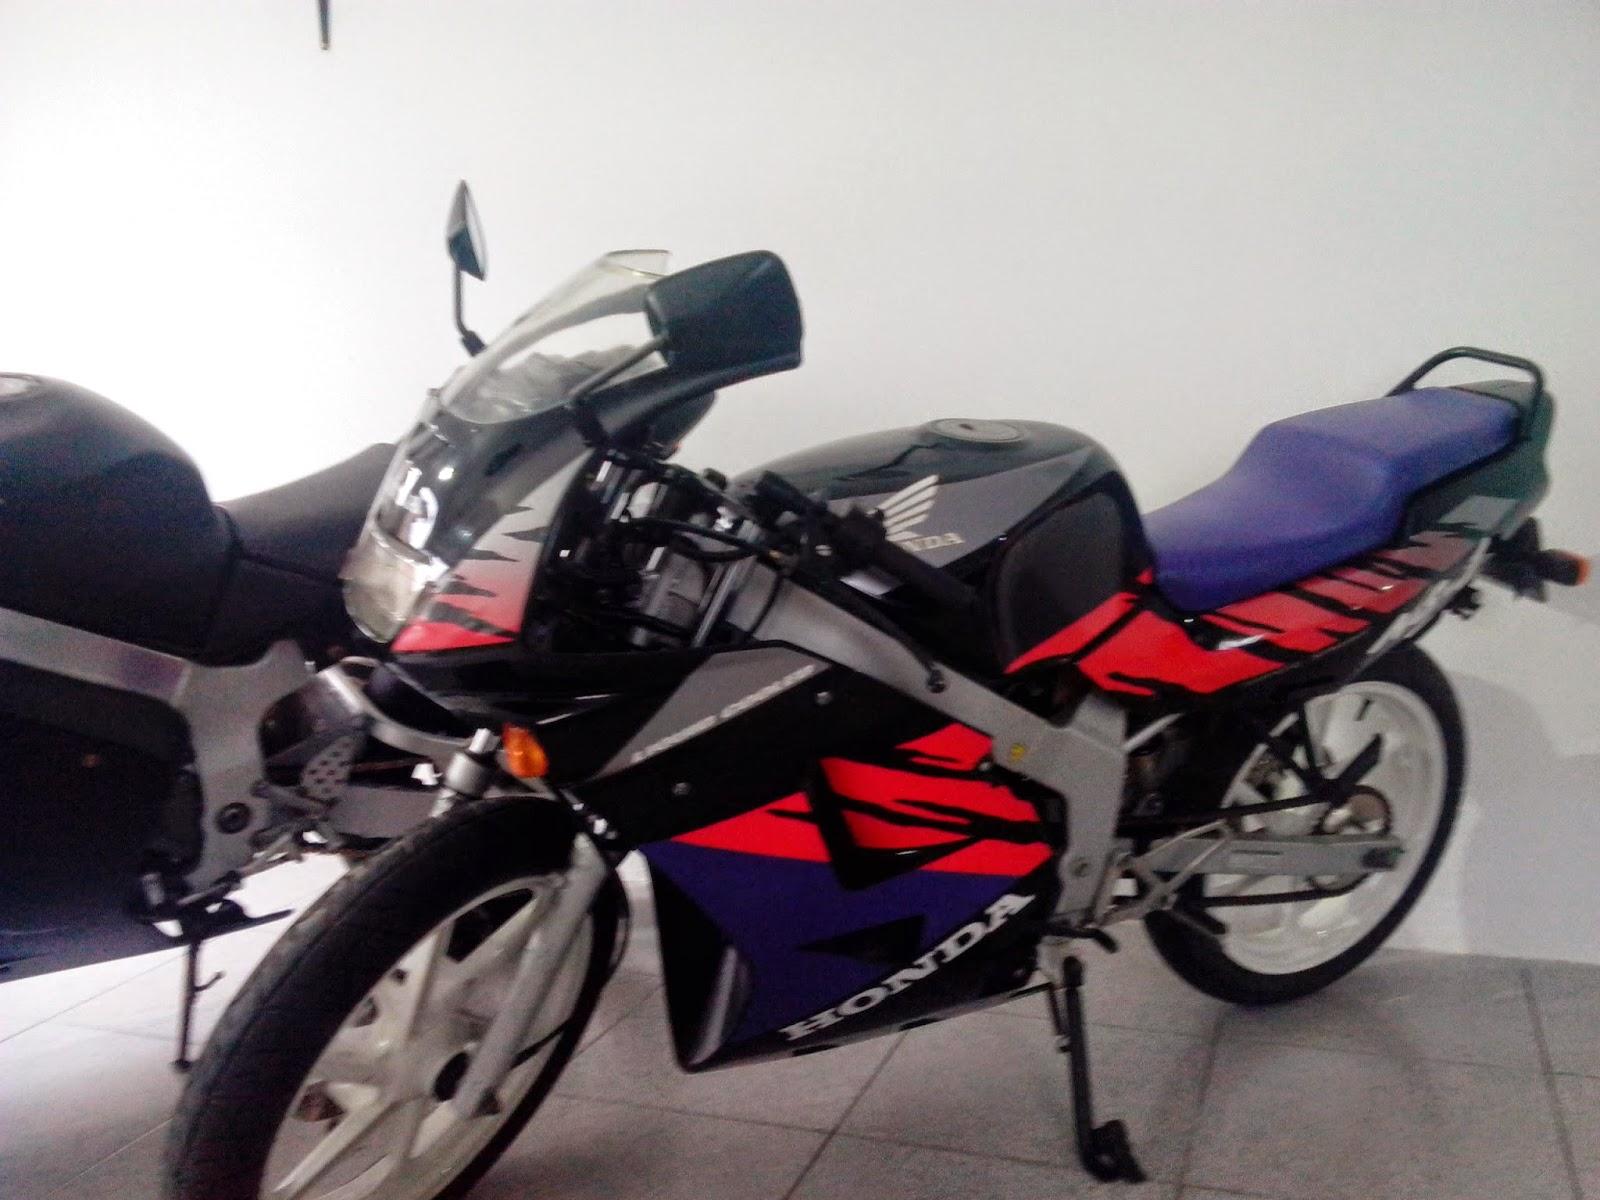 gondomoto motos usadas honda ns1 50cc. Black Bedroom Furniture Sets. Home Design Ideas